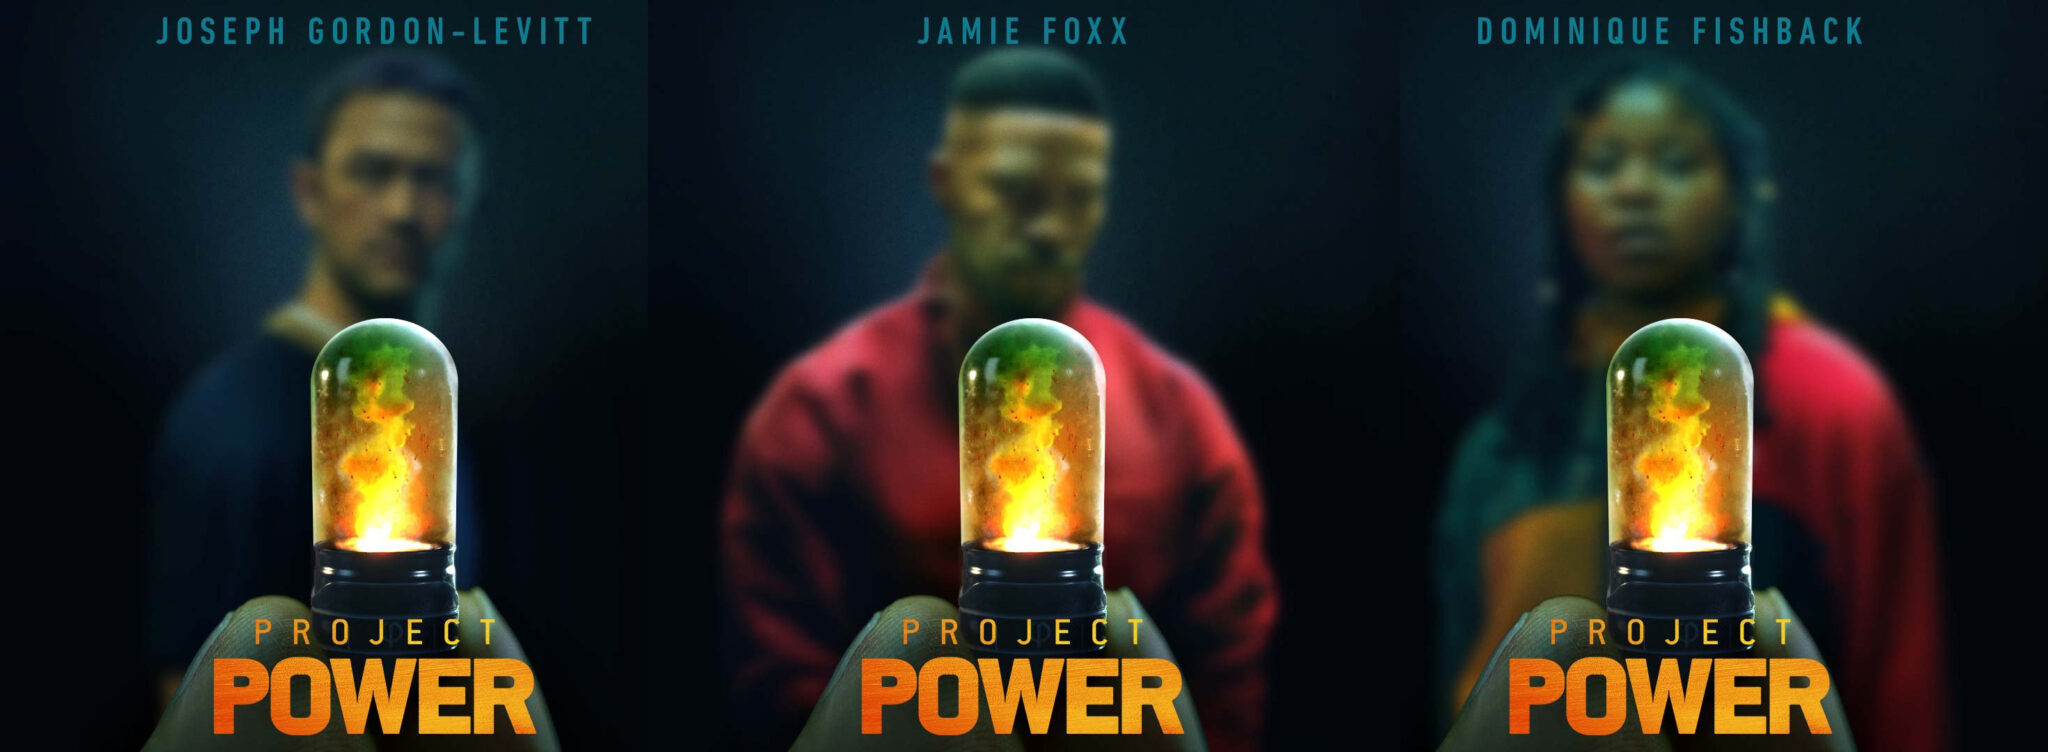 Project Power: öt perc szuperképesség. Korrekt, de felejthető az új Netflix-film